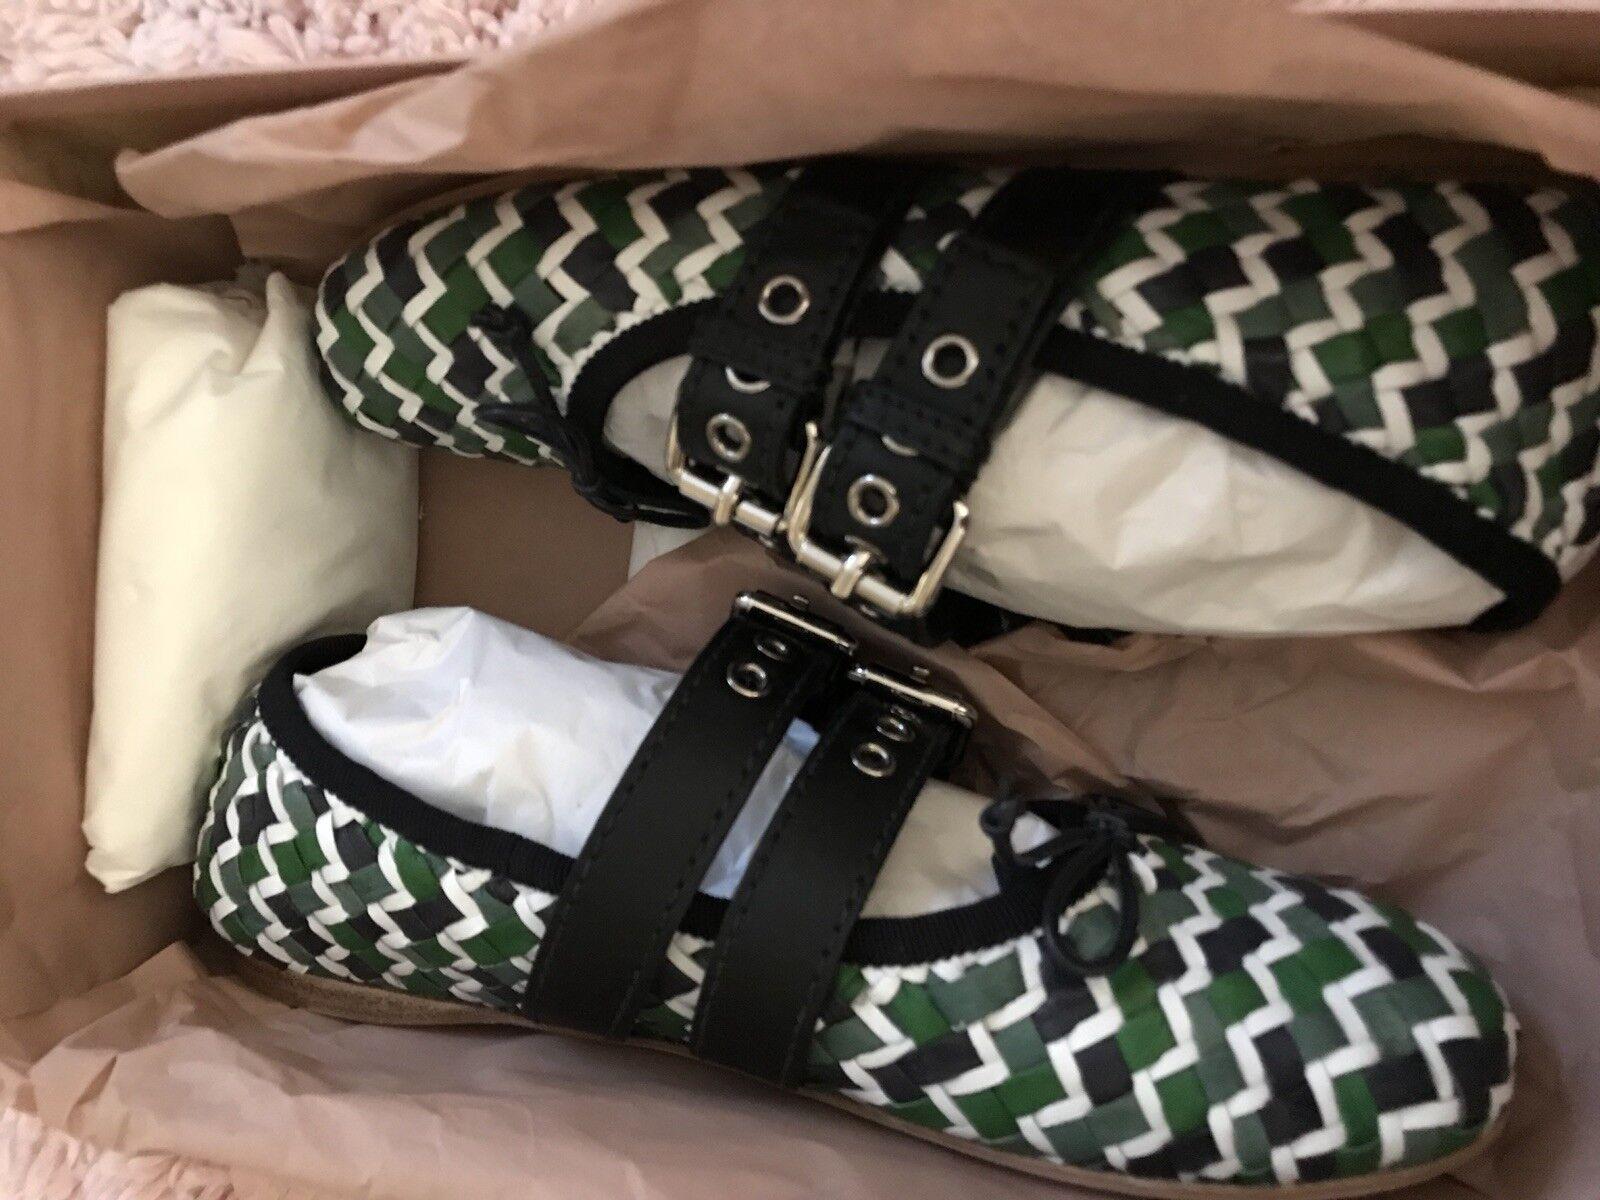 Miu Miu Bailarina Zapatos, Tobillo Wrap Ballet Zapatos Zapatos Zapatos sin Taco Sin Nuevo con etiquetas ventas por menor  890  a precios asequibles